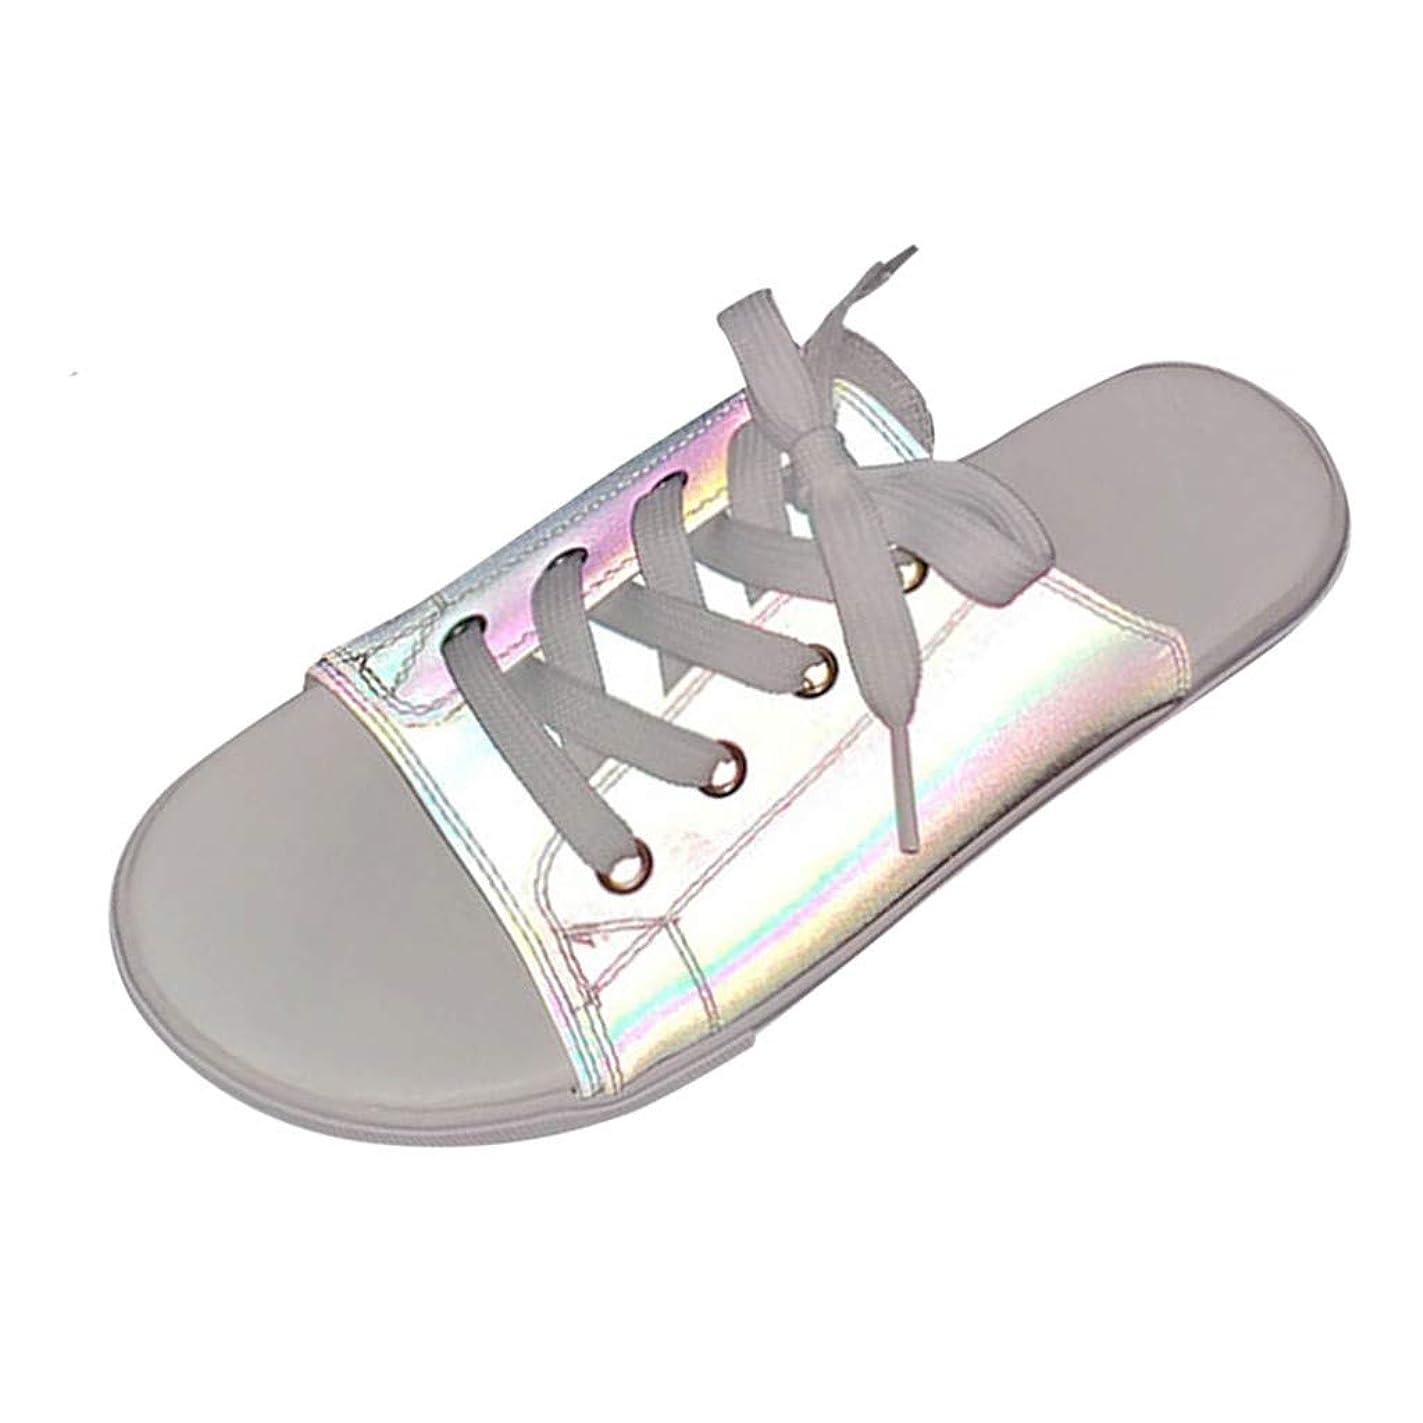 宙返り抵抗するラフレシアアルノルディカップルは靴を照らす スリッパシューズ サンダル フラットビーチシューズ 魚の口の靴 輝くサンダル フラットスリッパ レースアップビーチサンダル